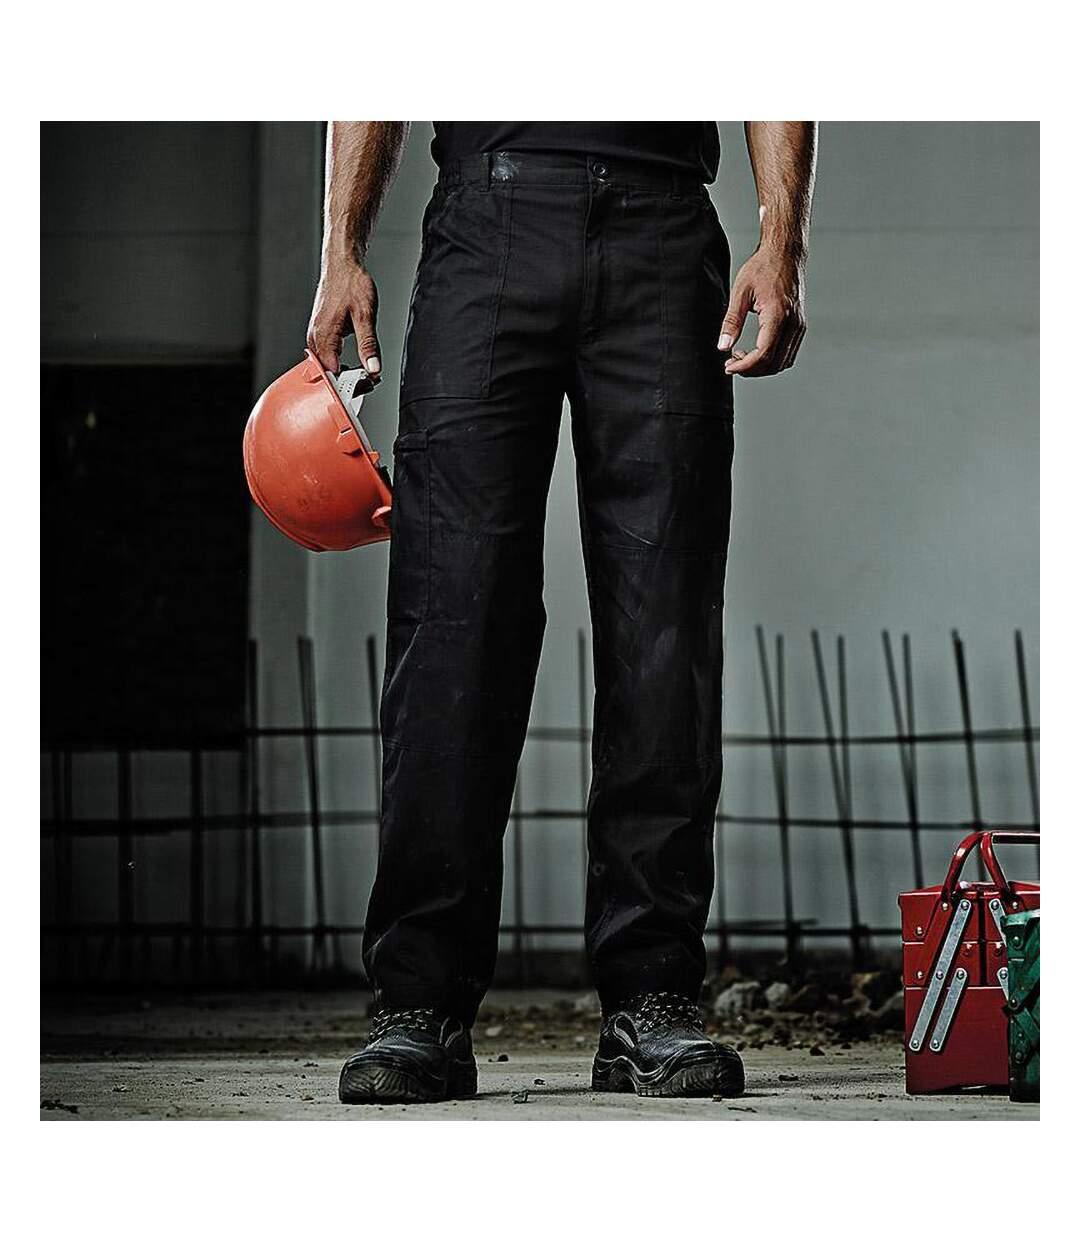 Regatta - Pantalon de travail, coupe longue - Homme (Noir) - UTBC1490